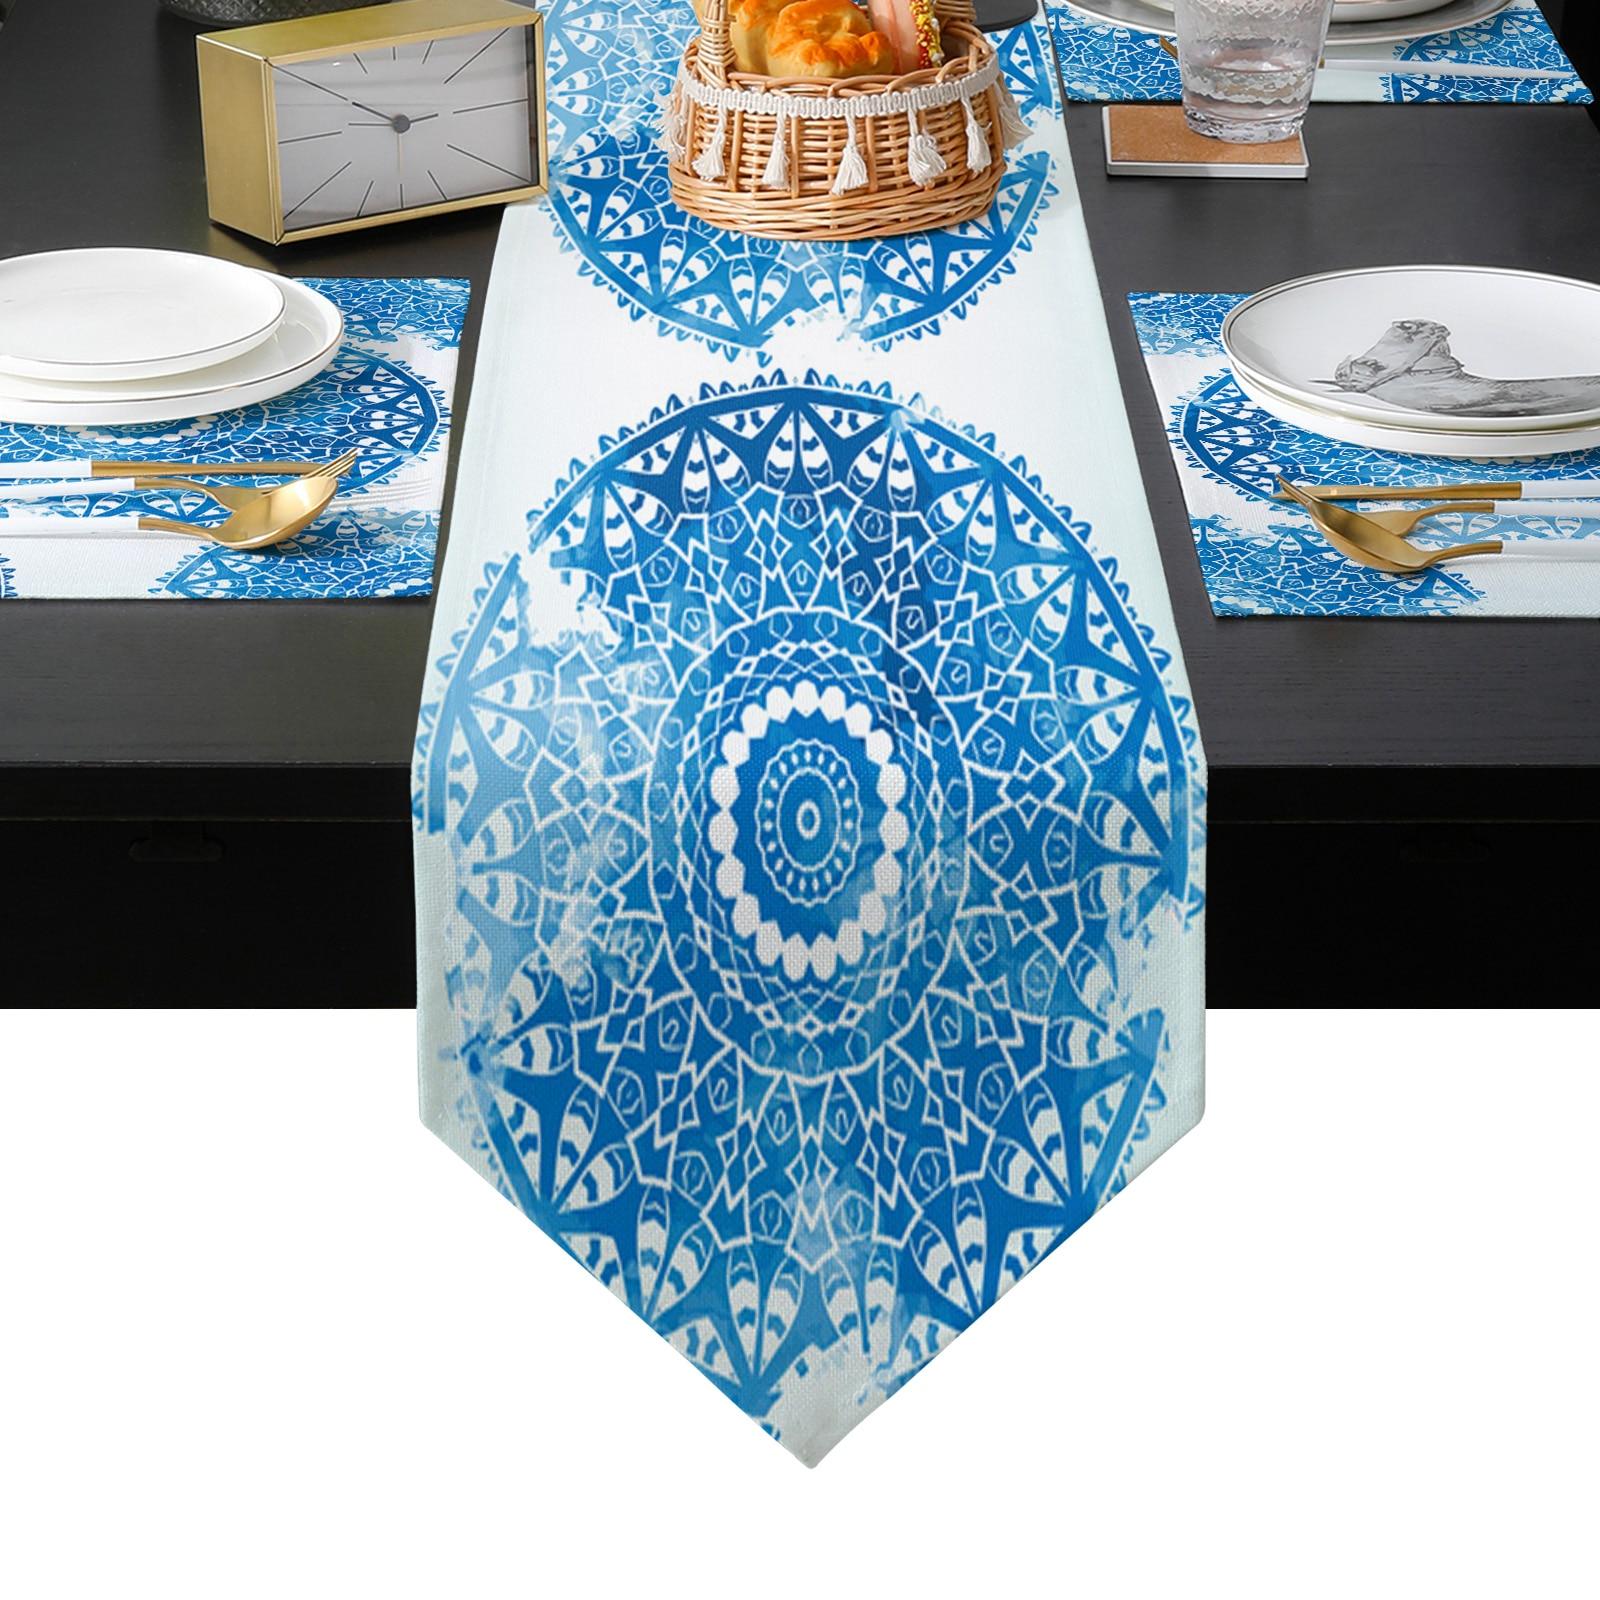 ماندالا الرجعية الجدول عداء المفارش مجموعة البلد الزفاف الجدول الفن الديكور للمطبخ المنزل الطعام عطلة